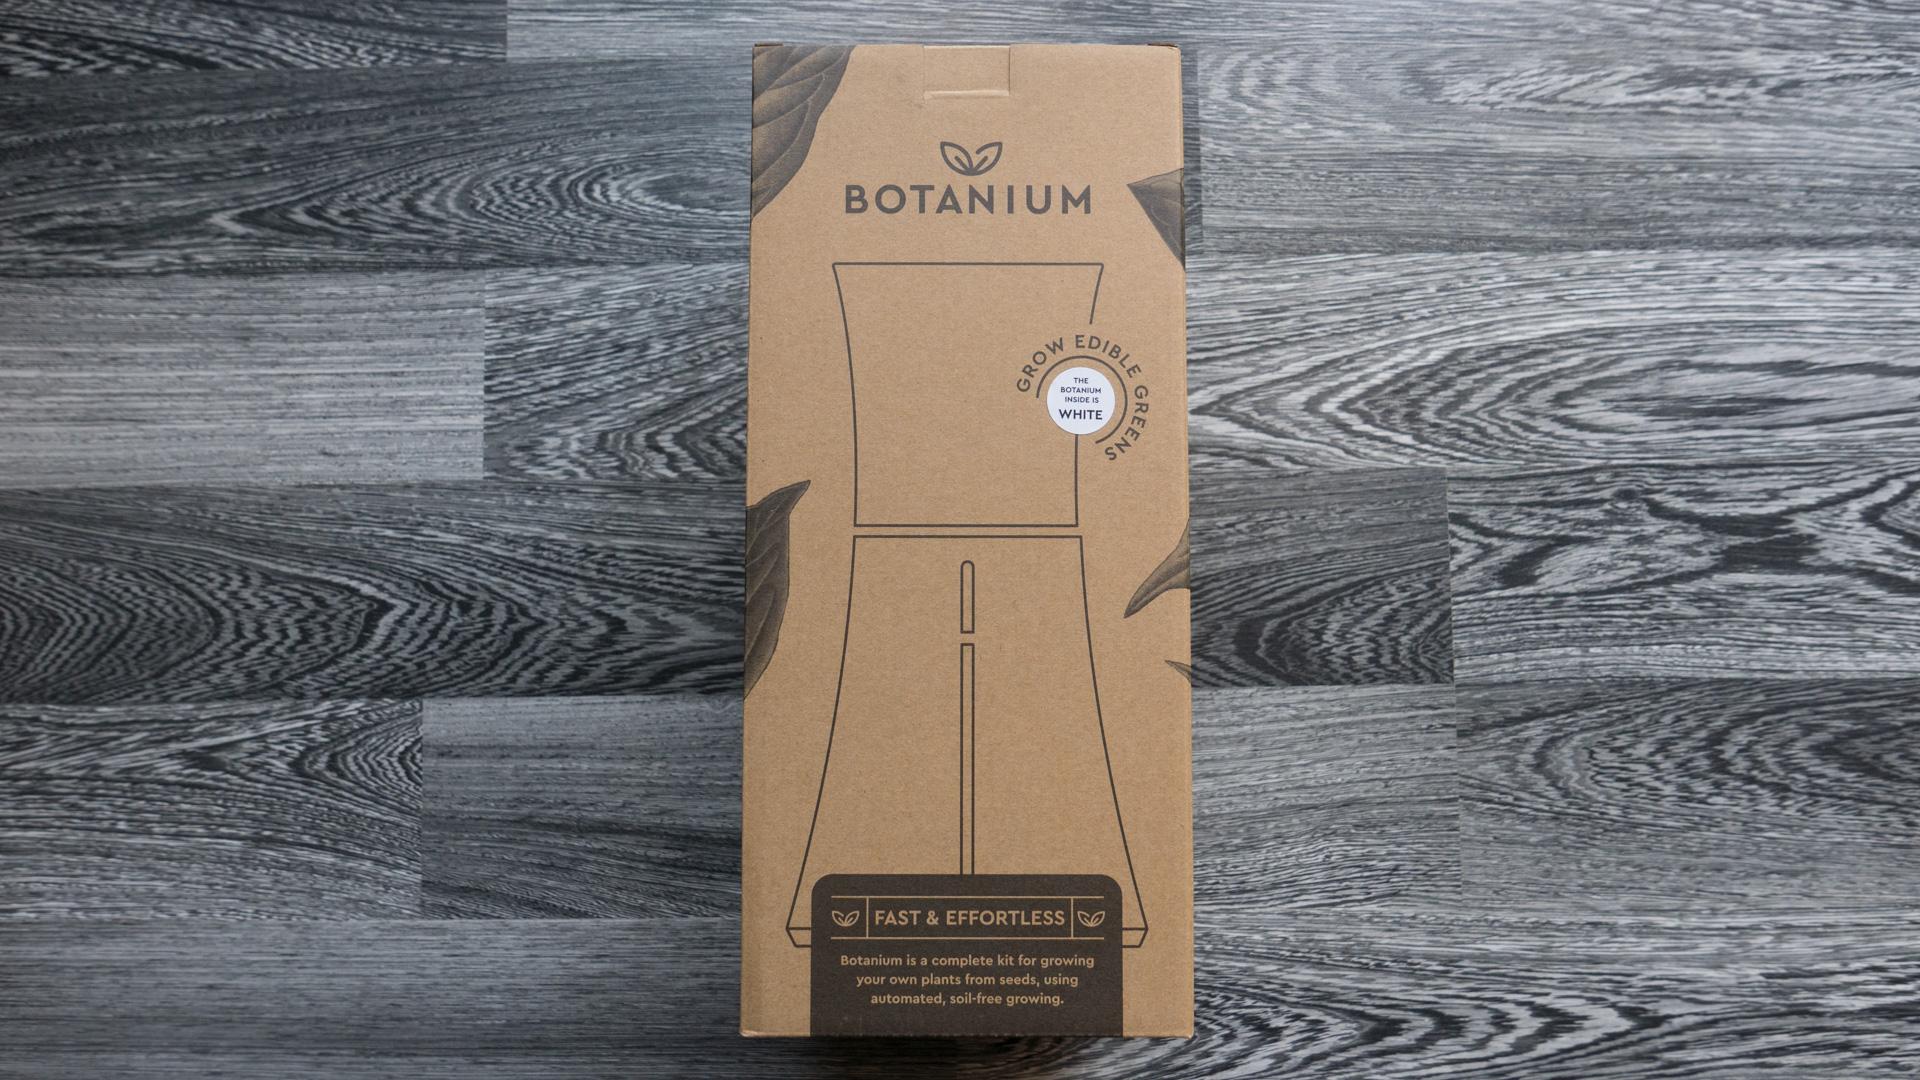 Botanium Unboxing 06